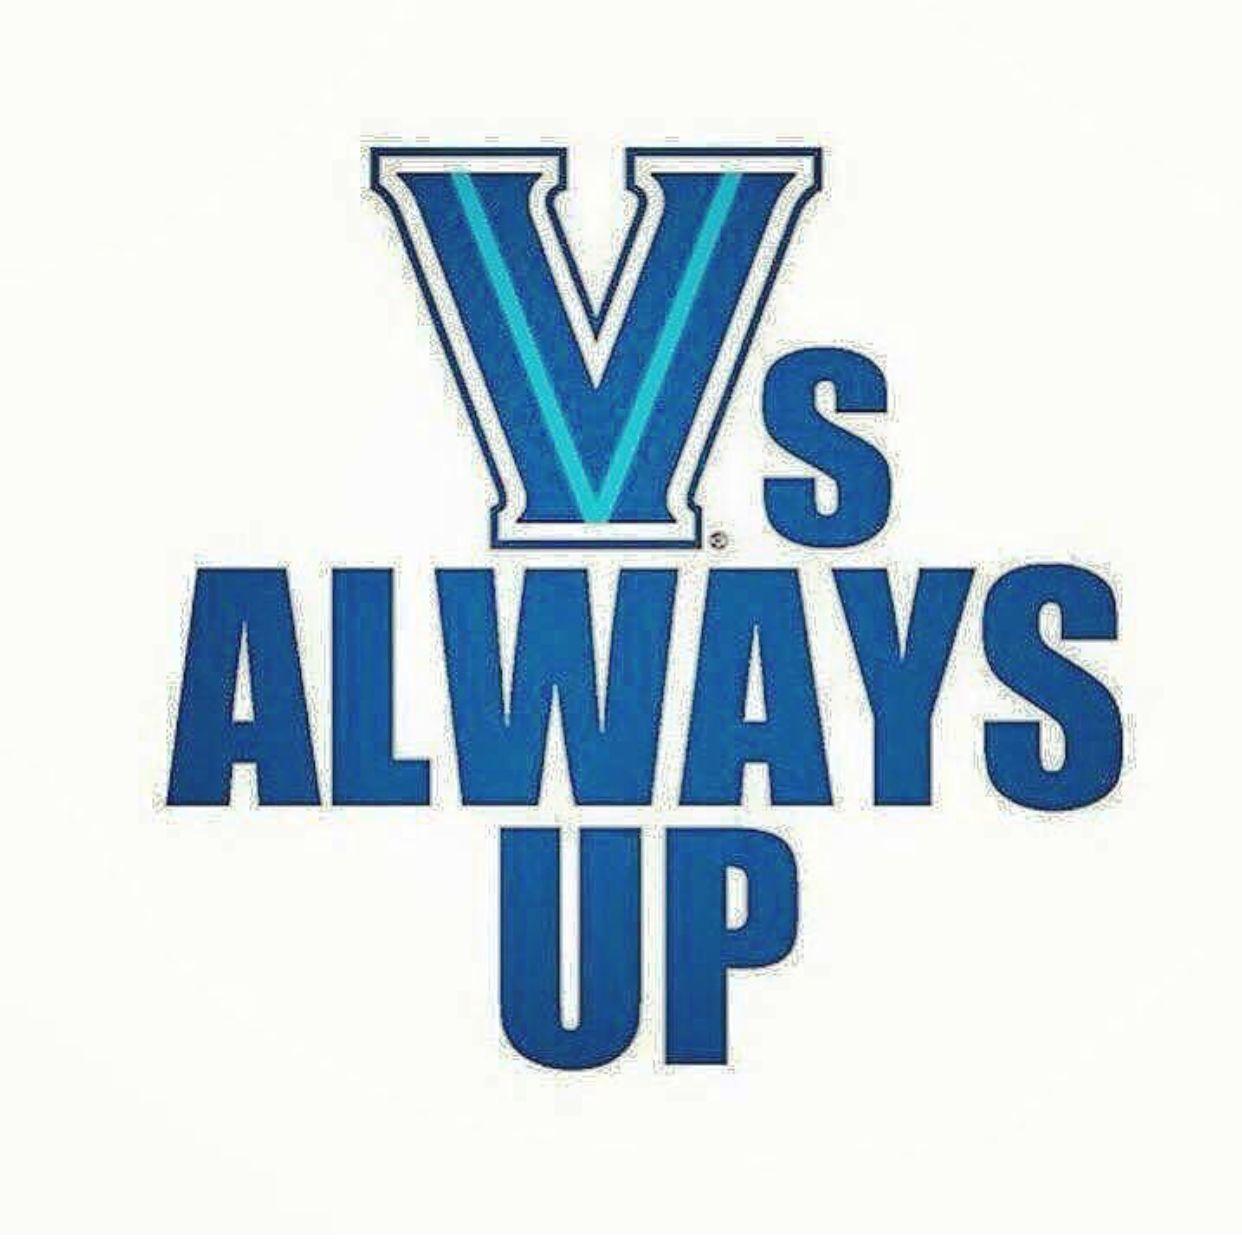 Pin By Maggie Vatterott On Villanova Villanova Villanova Basketball Villanova University